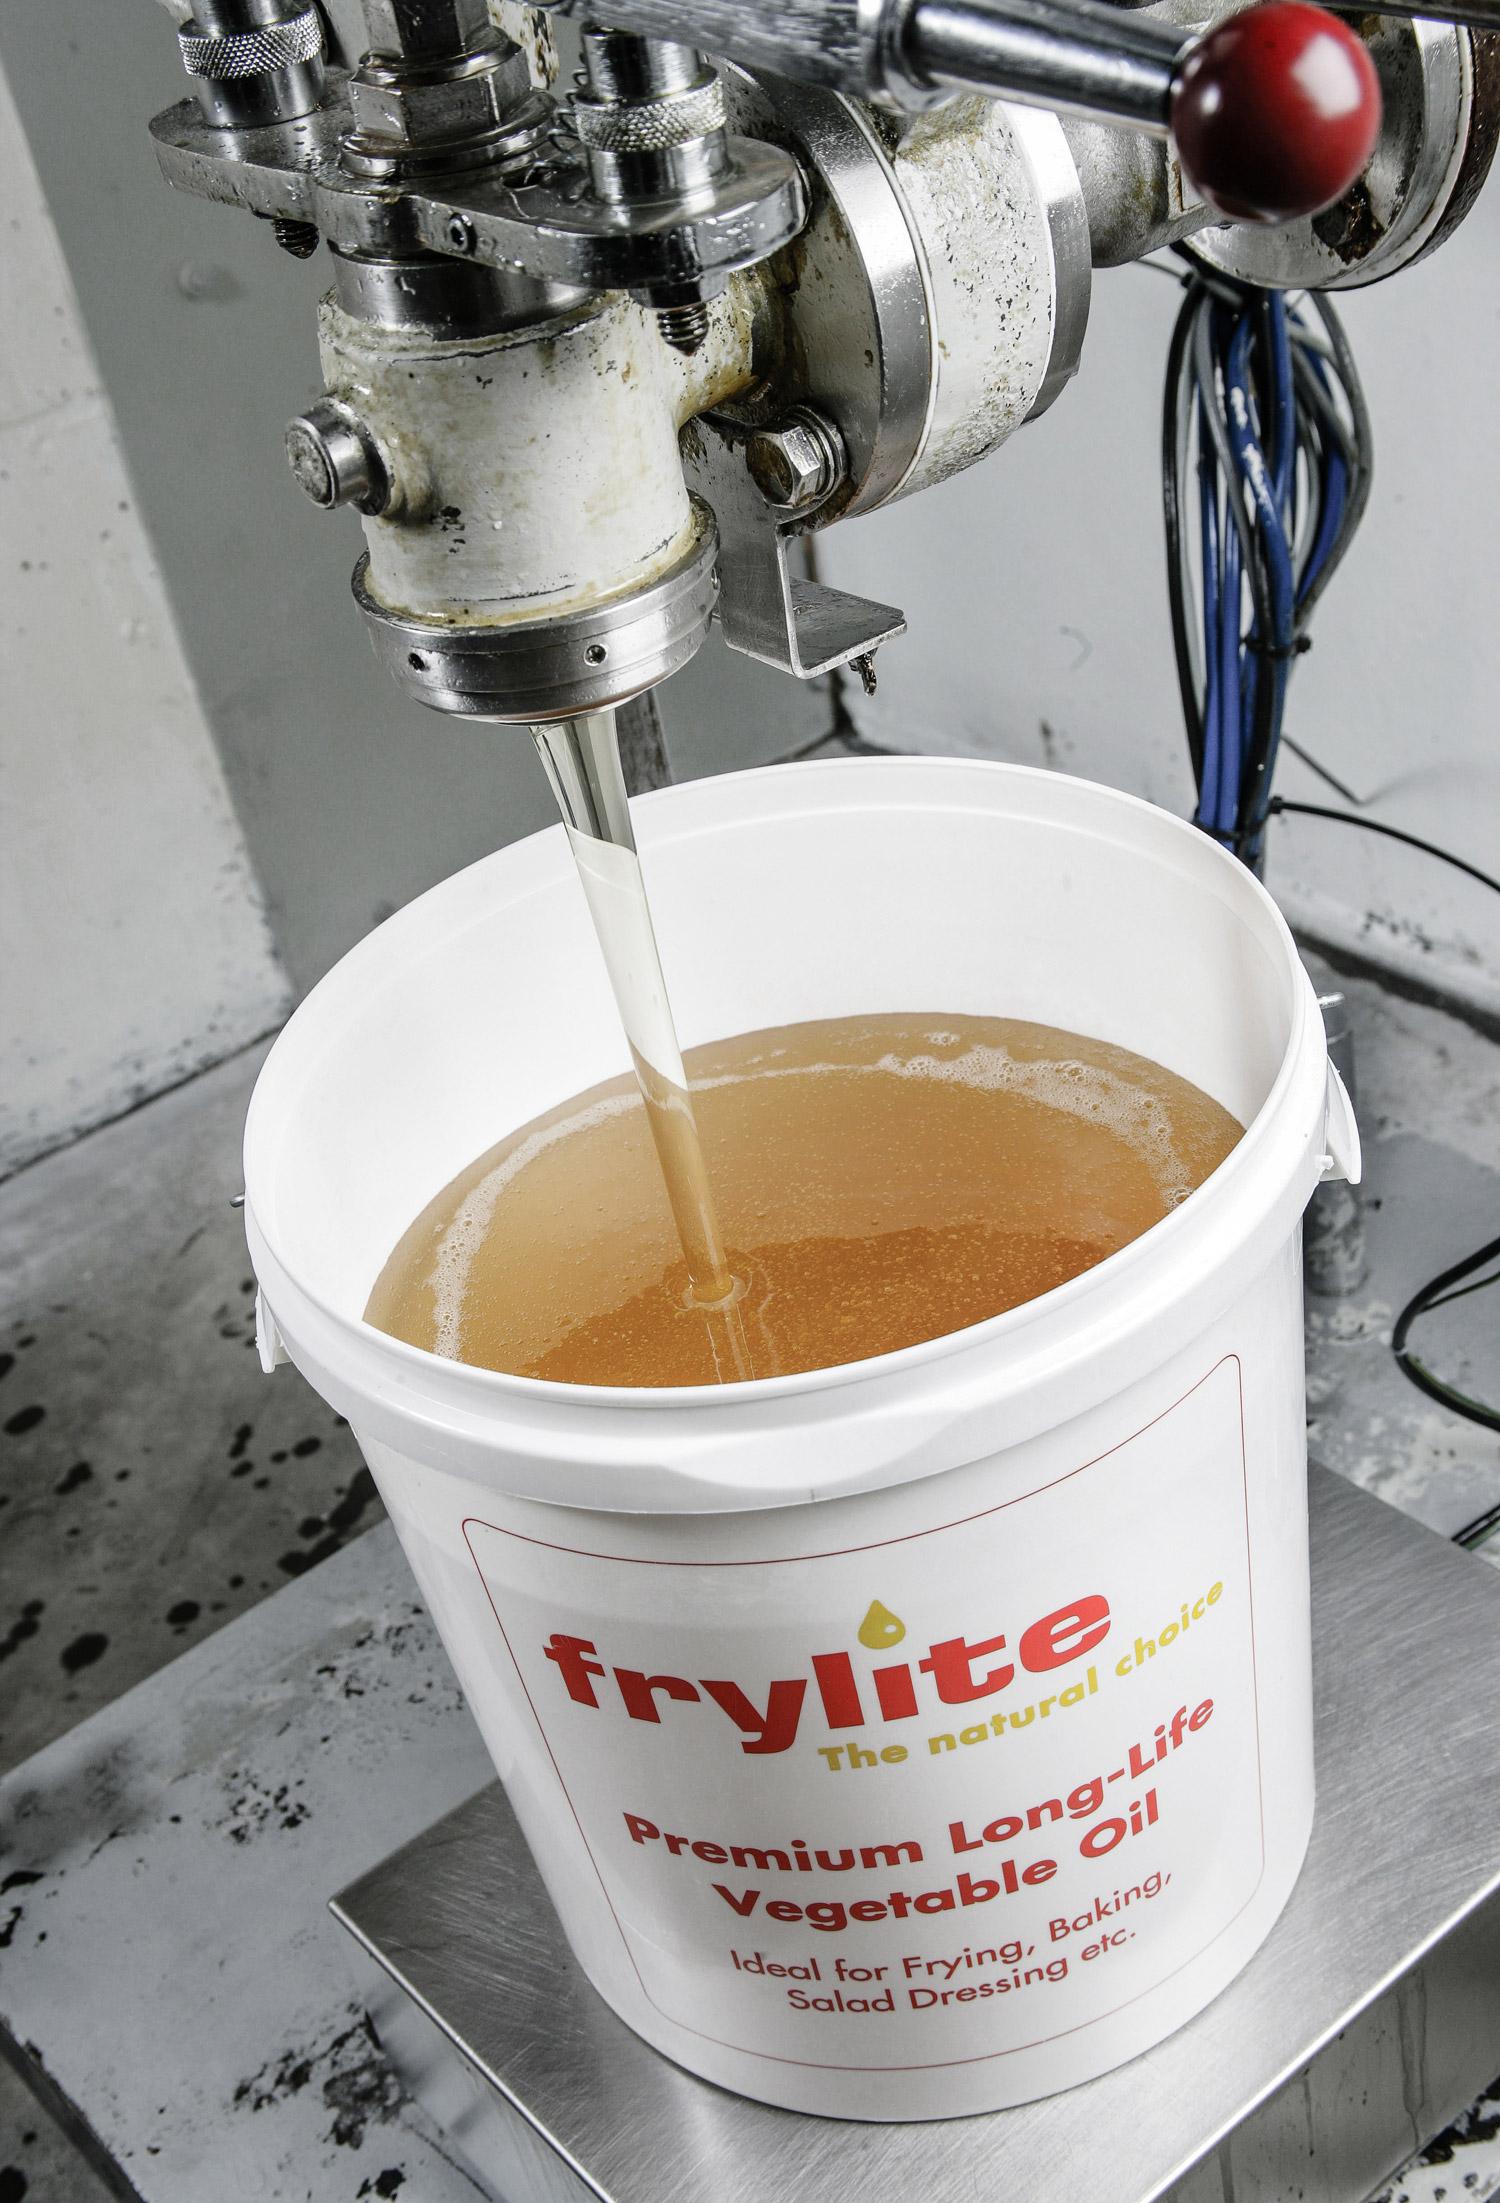 Frylite Branding Packaging